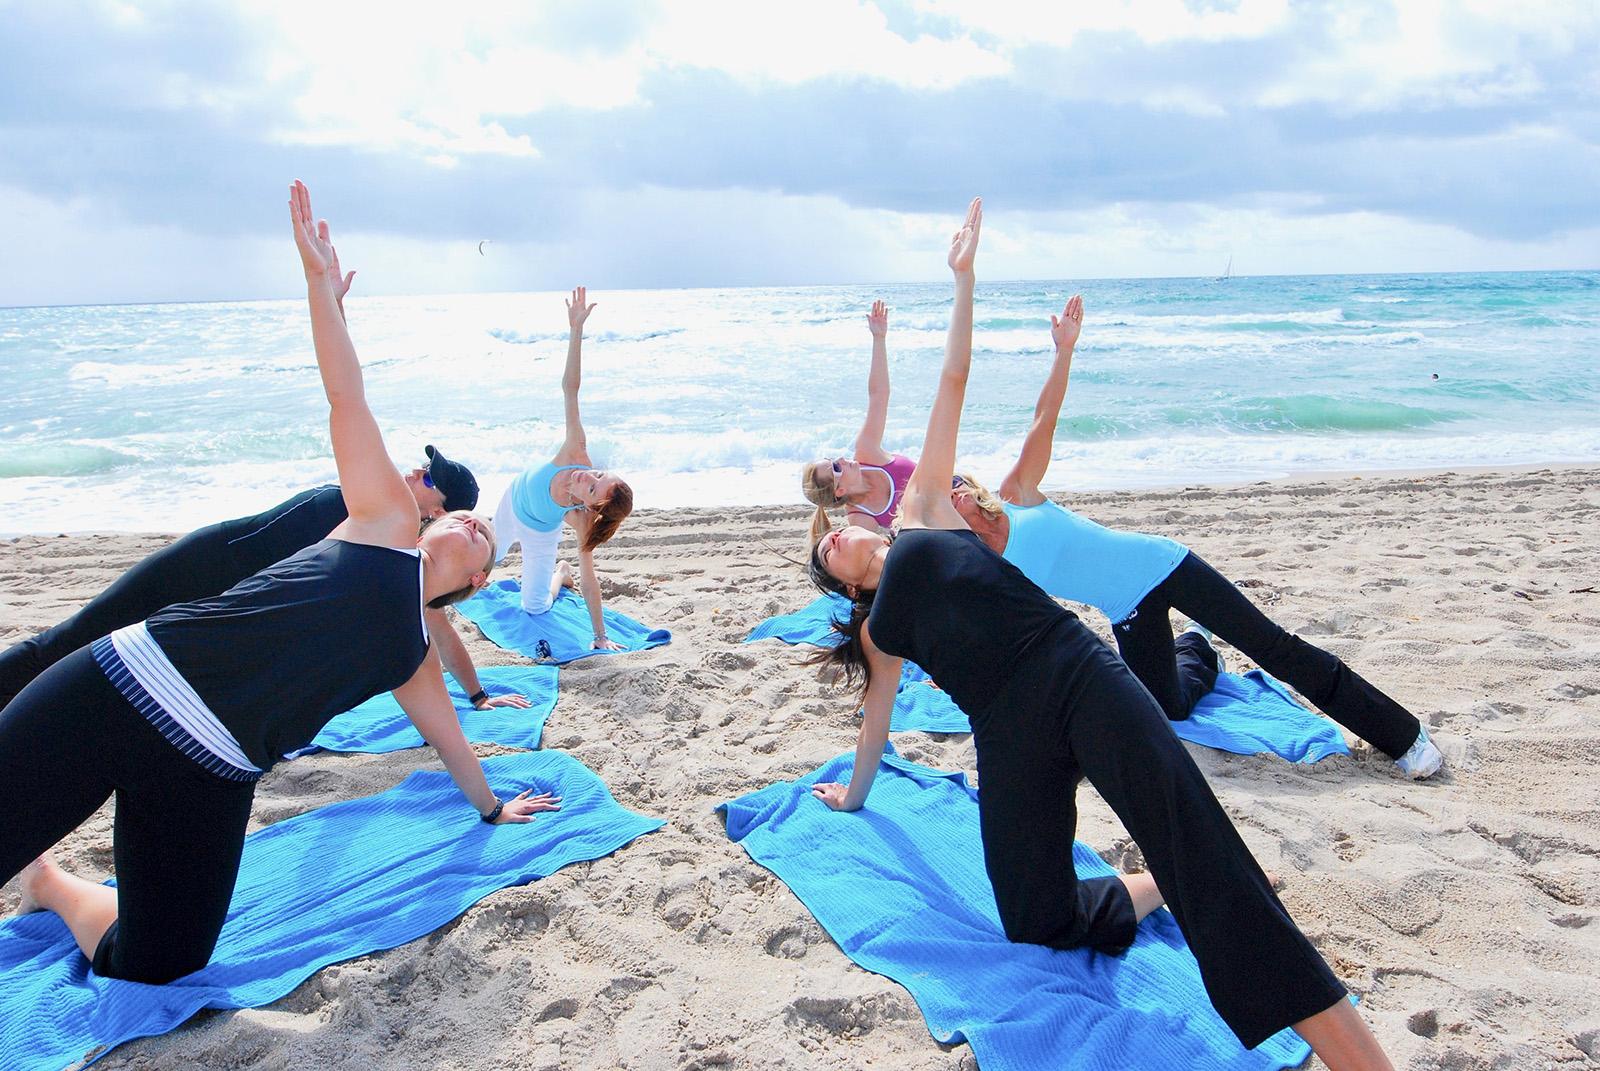 Vita Vie beach session